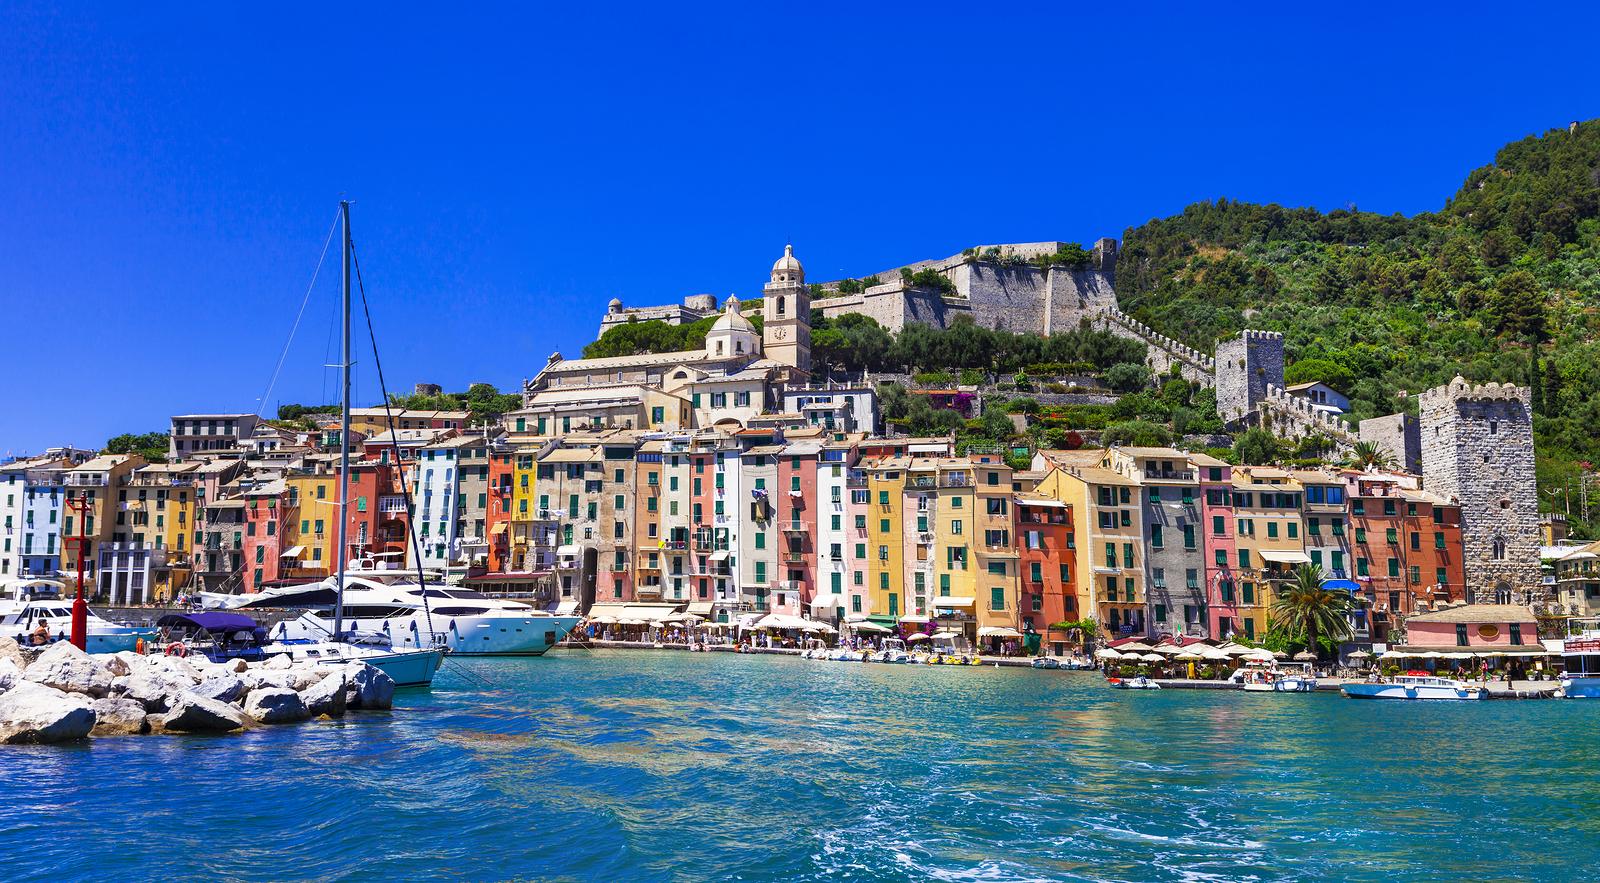 Alquiler de yates en Cinque Terre